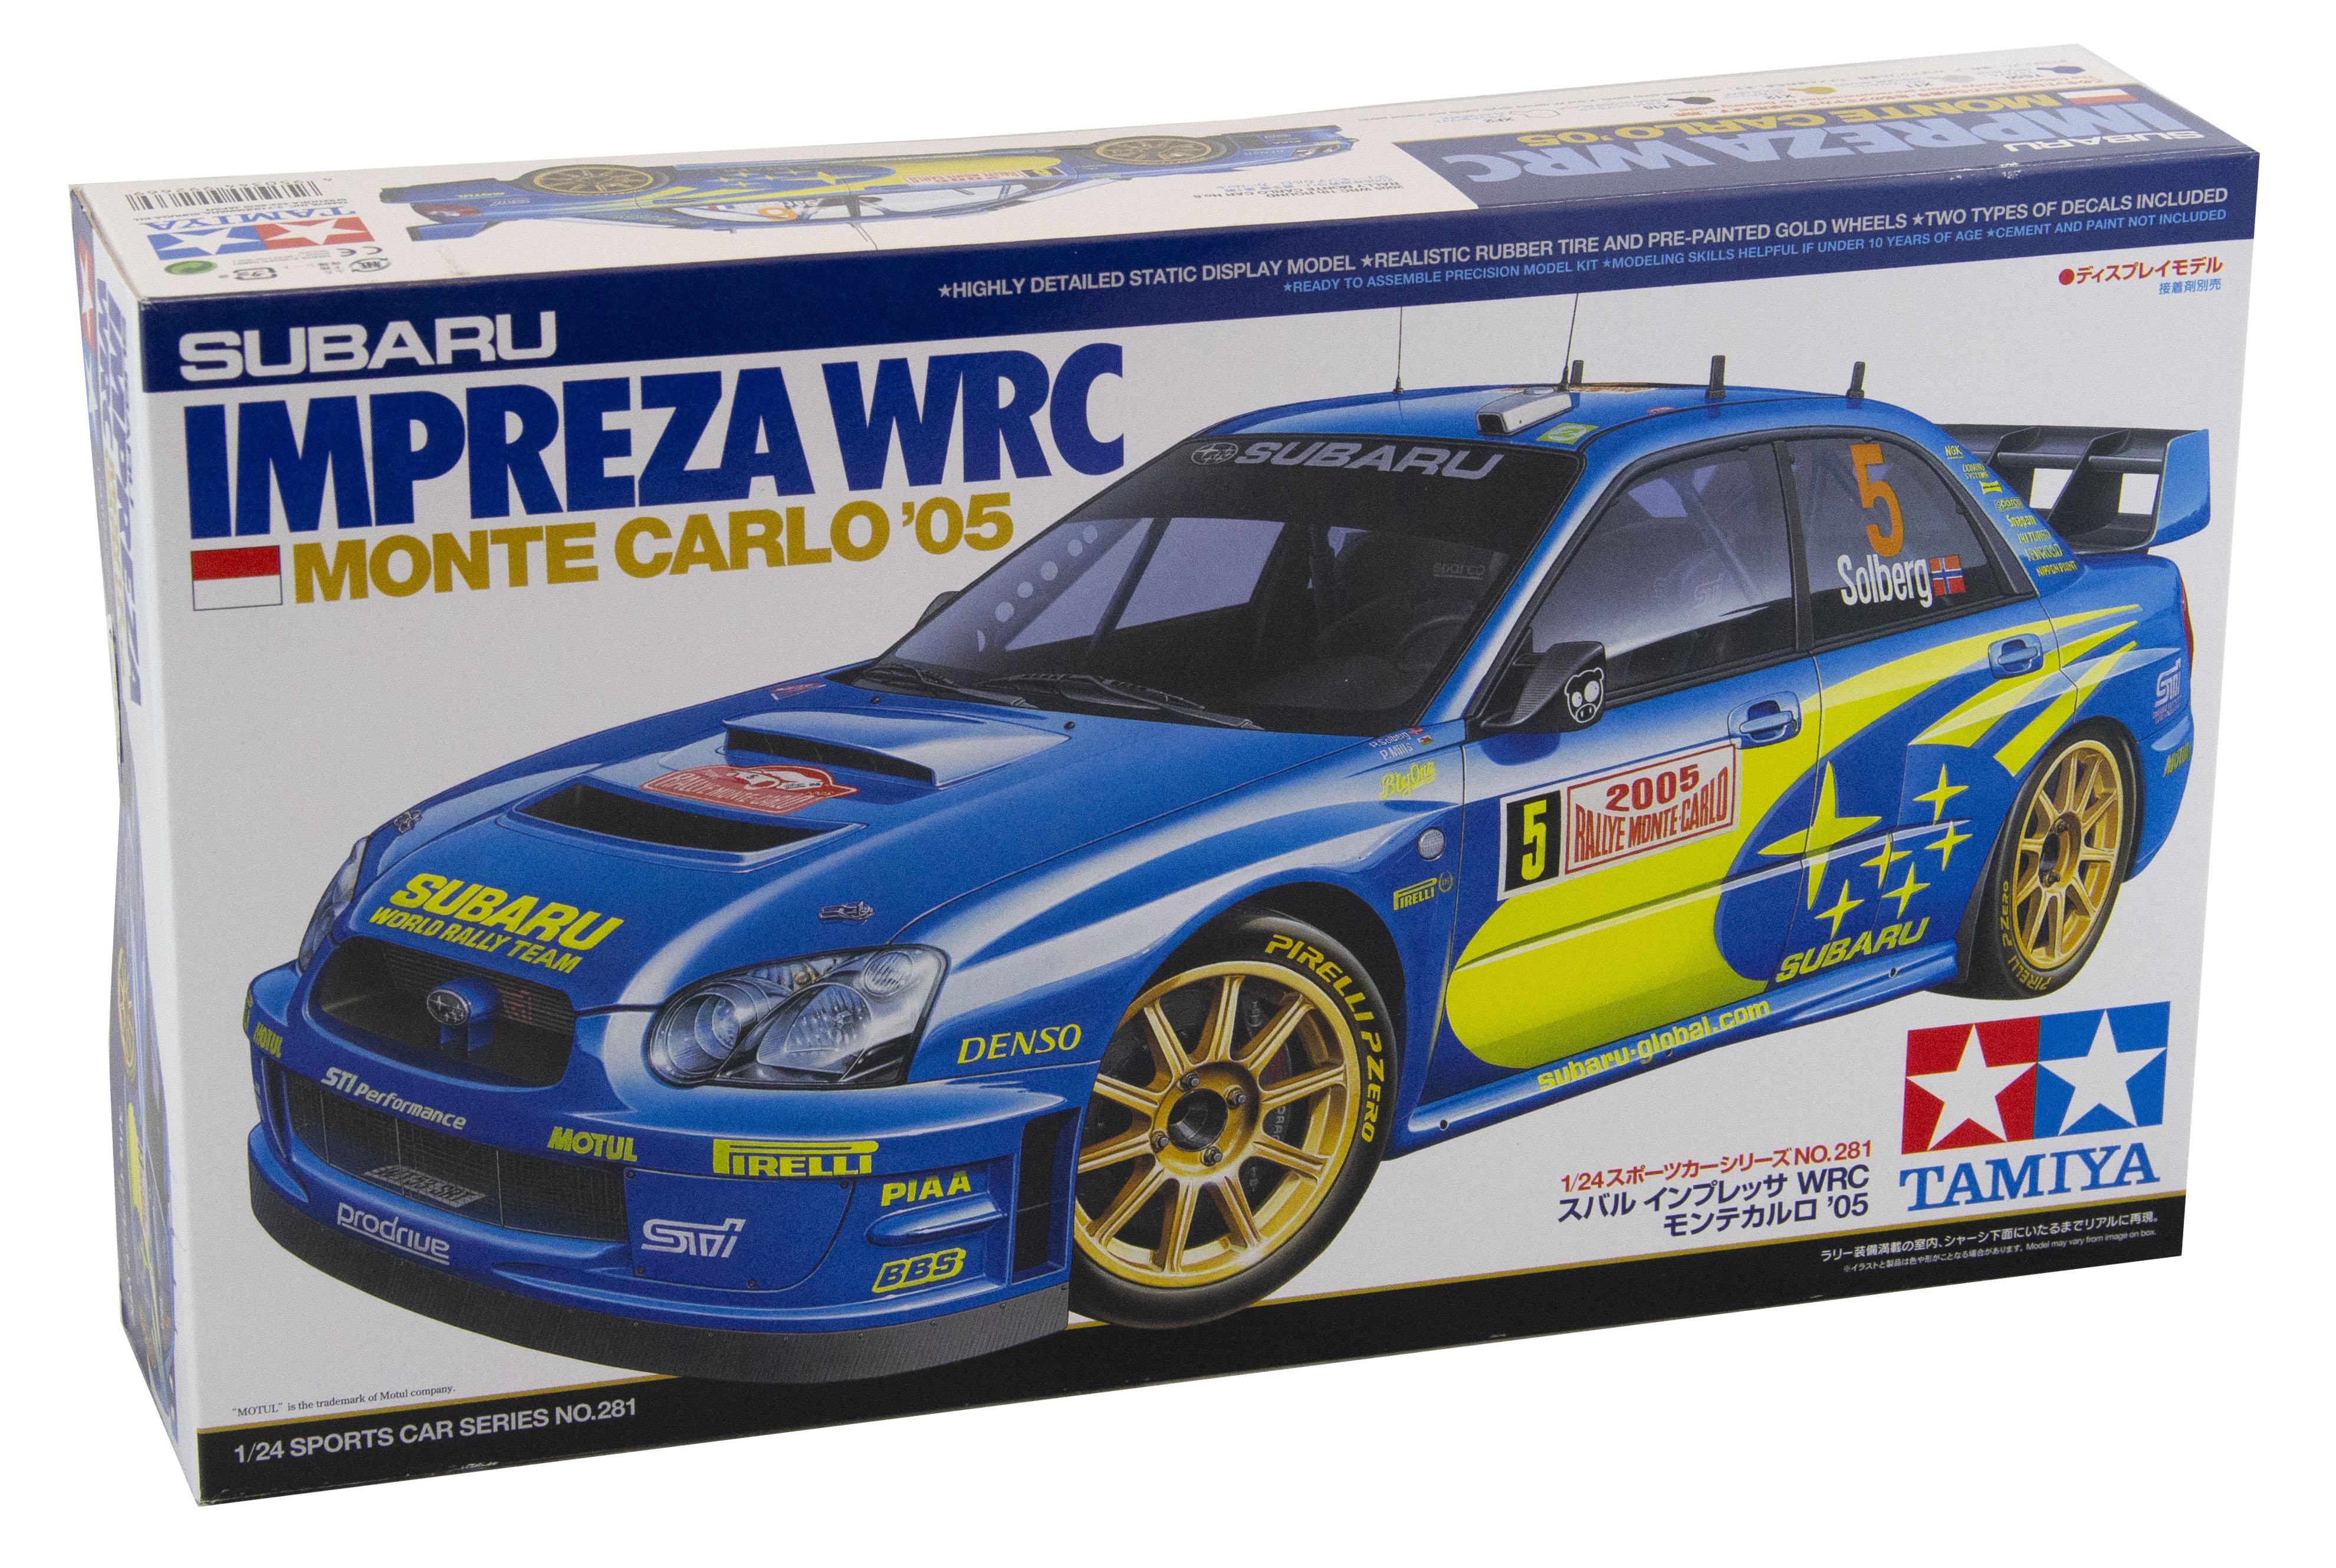 Kit Subaru Impreza WRC Montecarlo 2005 1/24